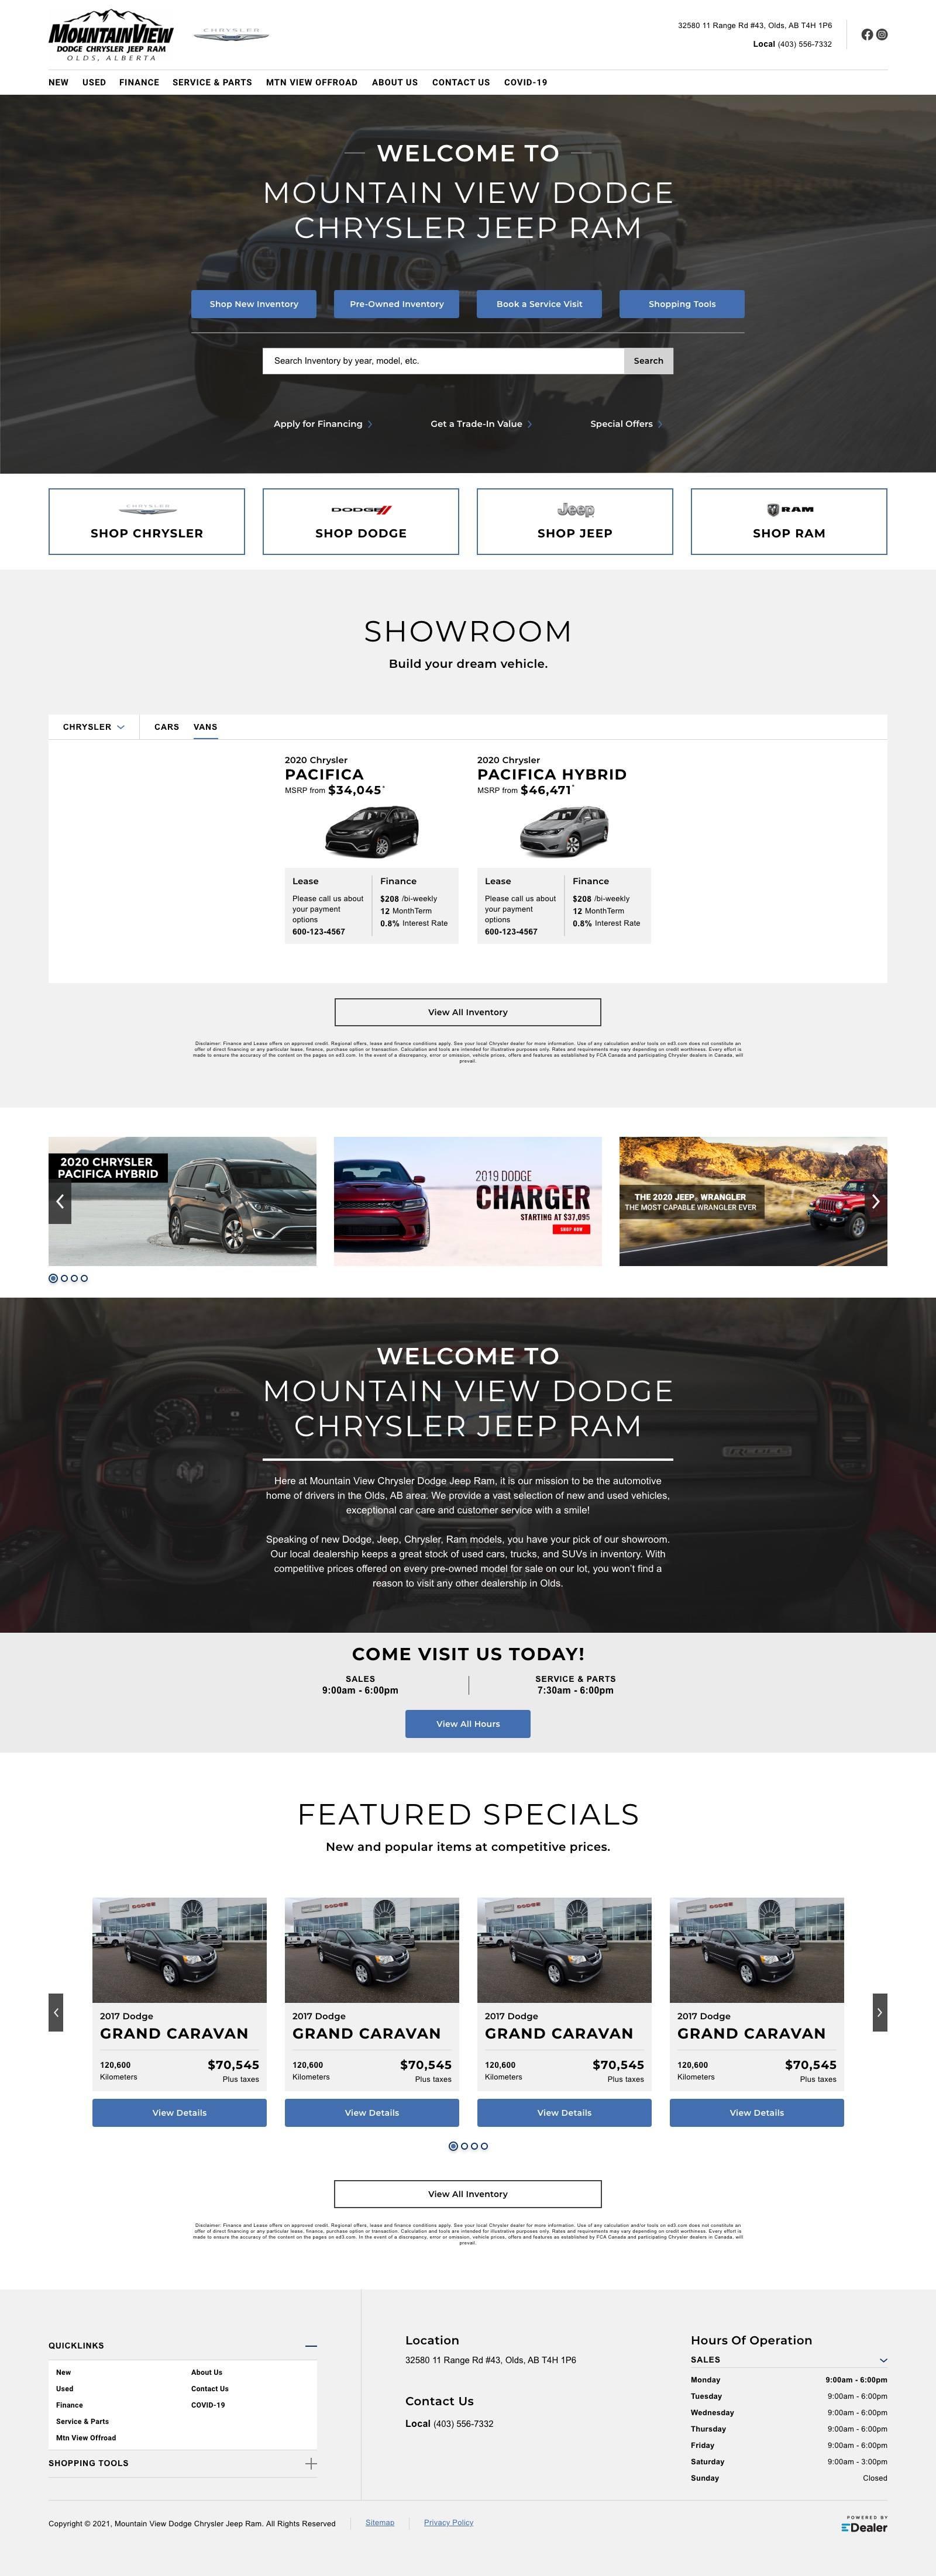 Mountain View Dodge Chrysler